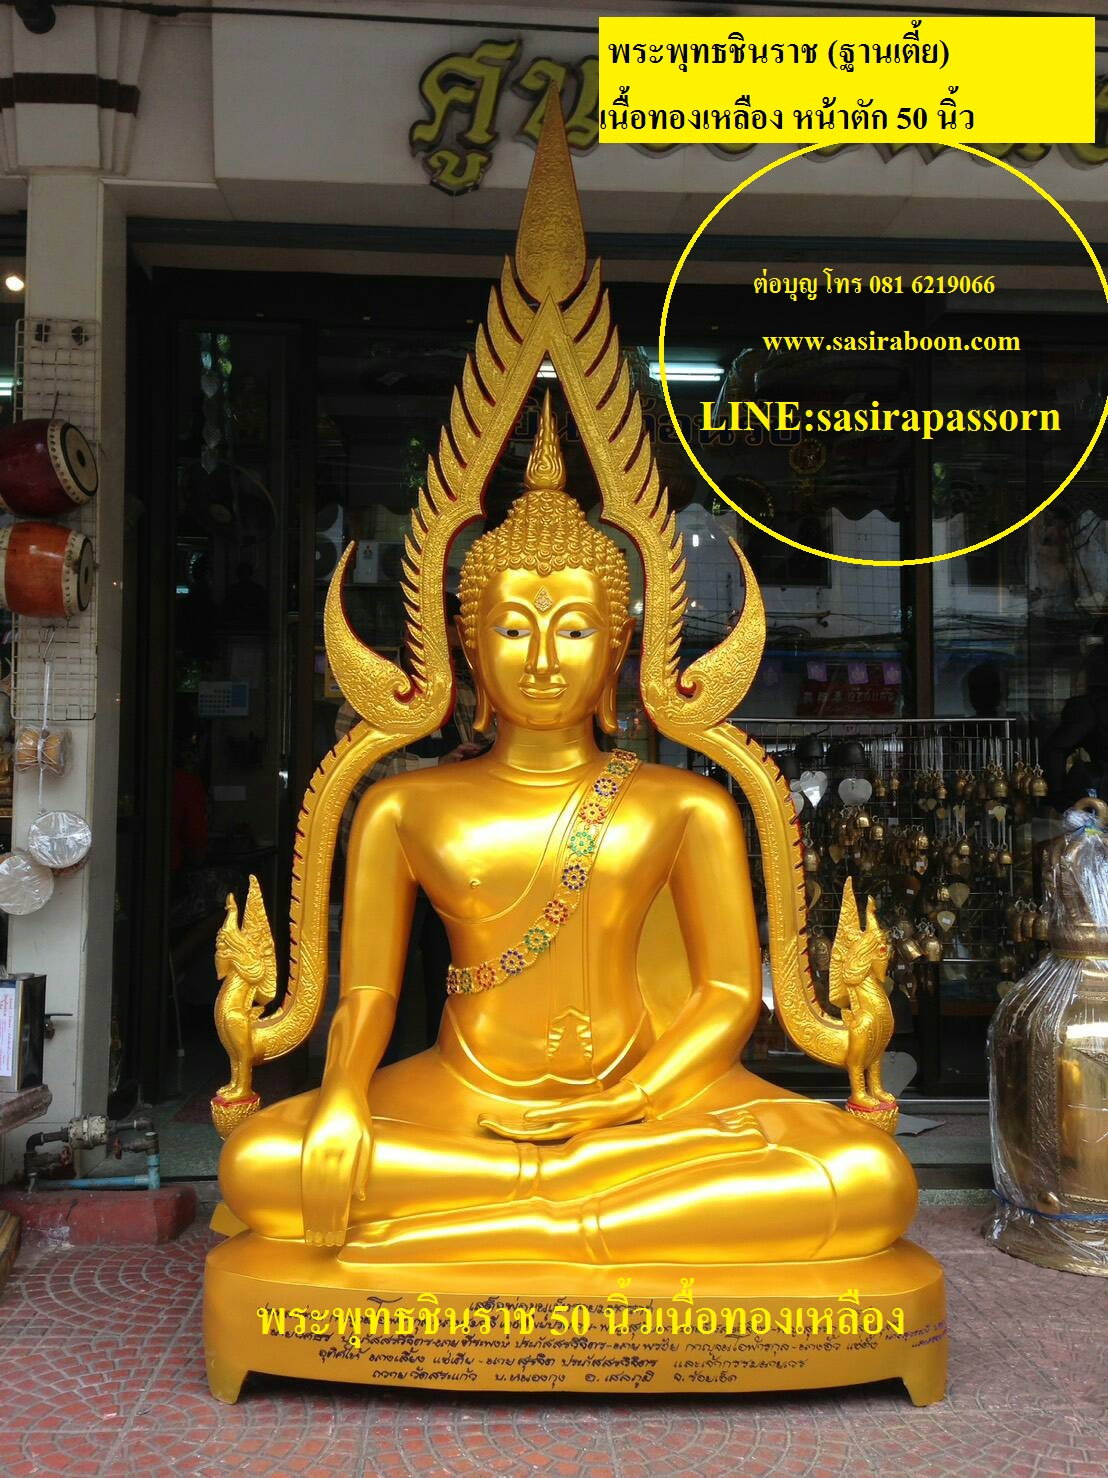 พระประธานปางพระพุทธชินราชทองเหลือง 50 นิ้ว (ฐานเตี้ย)